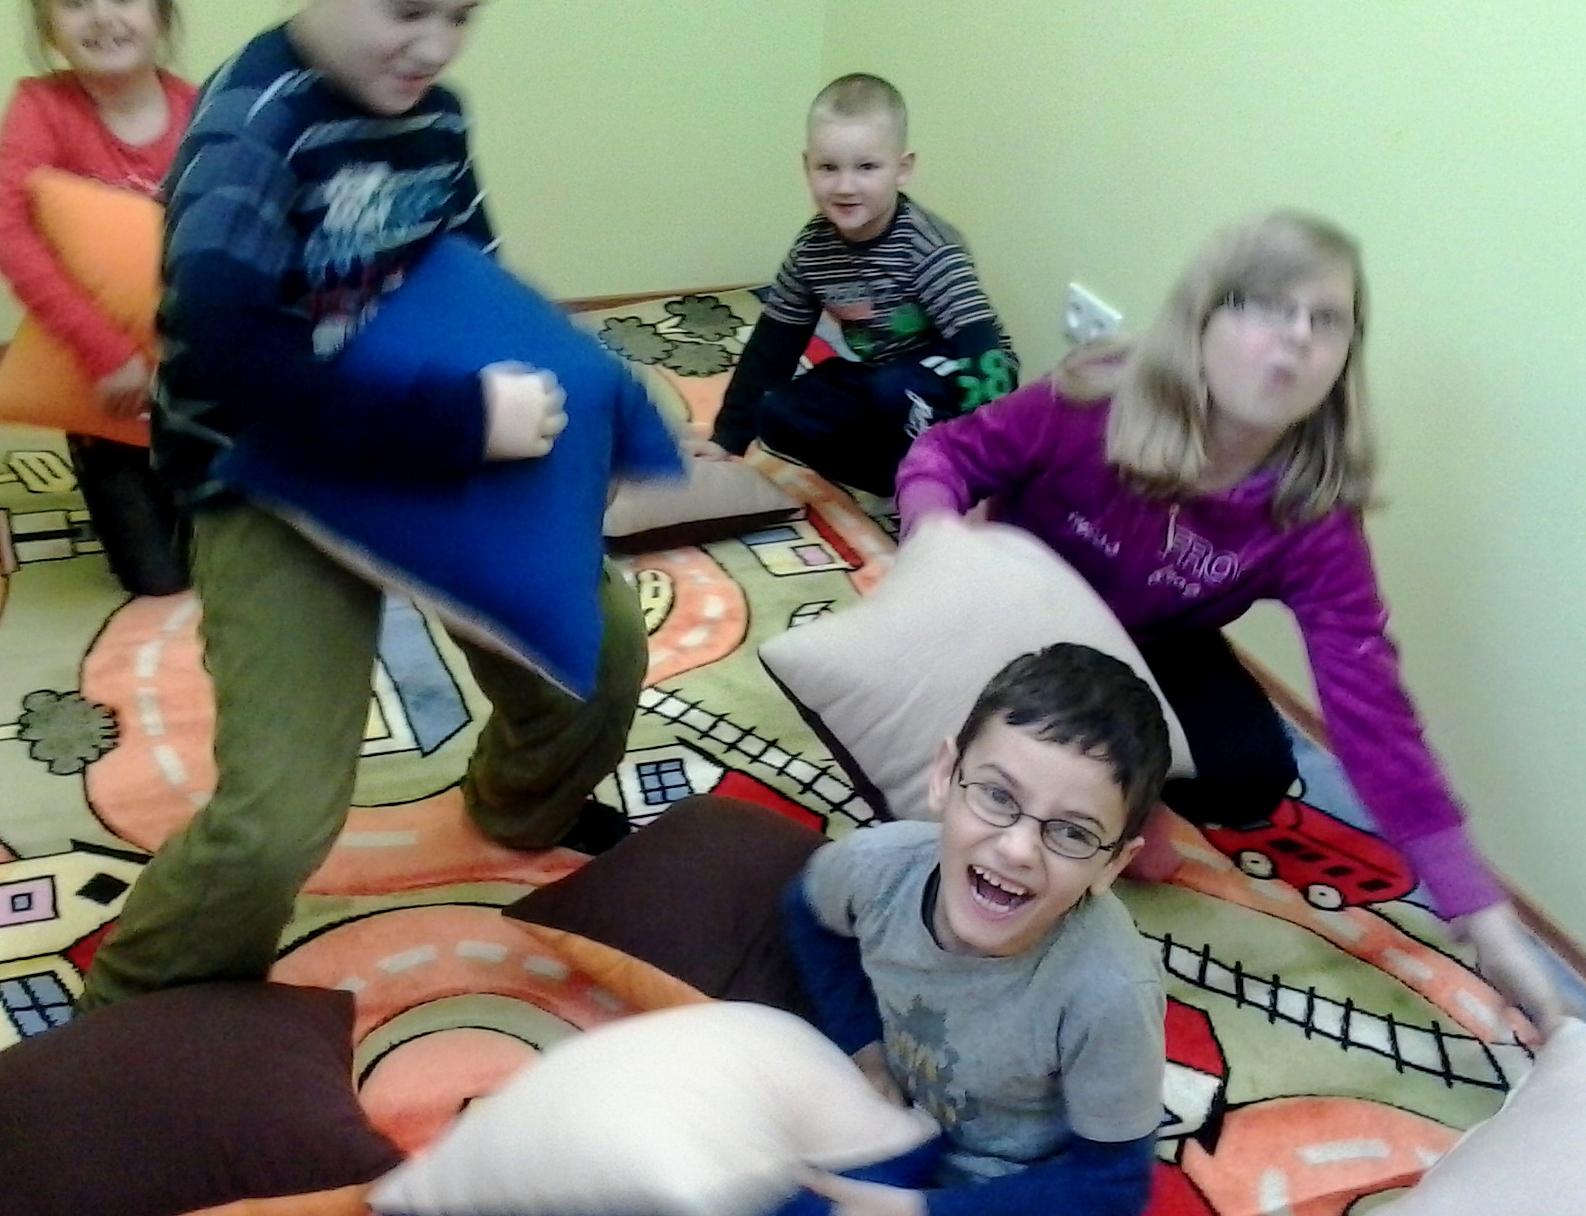 Świetlica Wiejsca Skąpem, Pomoc Świetlicy, pomoc dzieciom